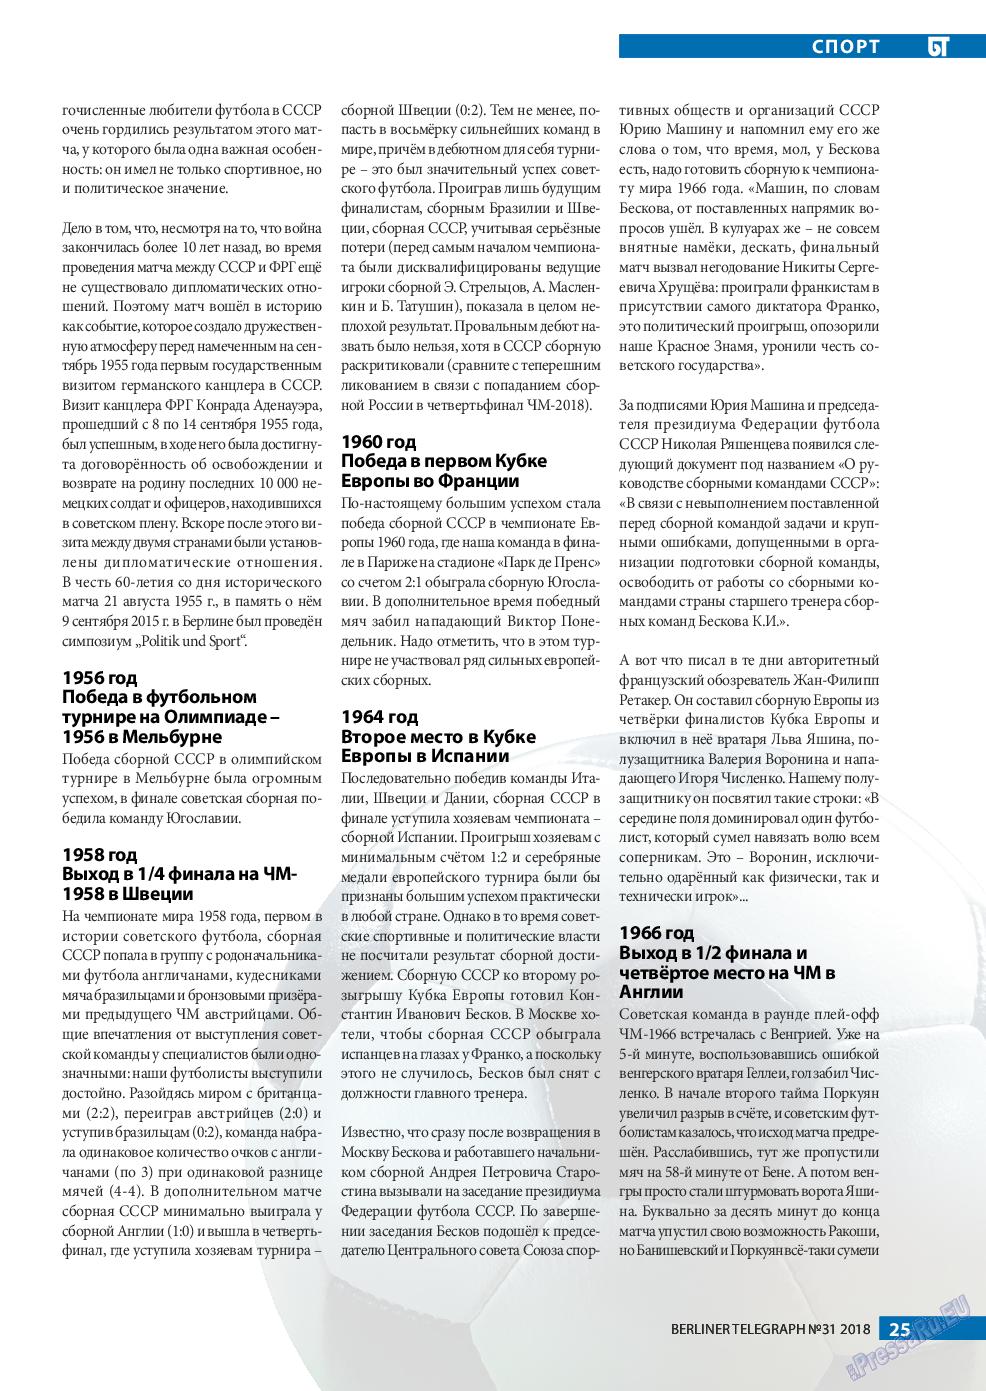 Берлинский телеграф (журнал). 2018 год, номер 31, стр. 25